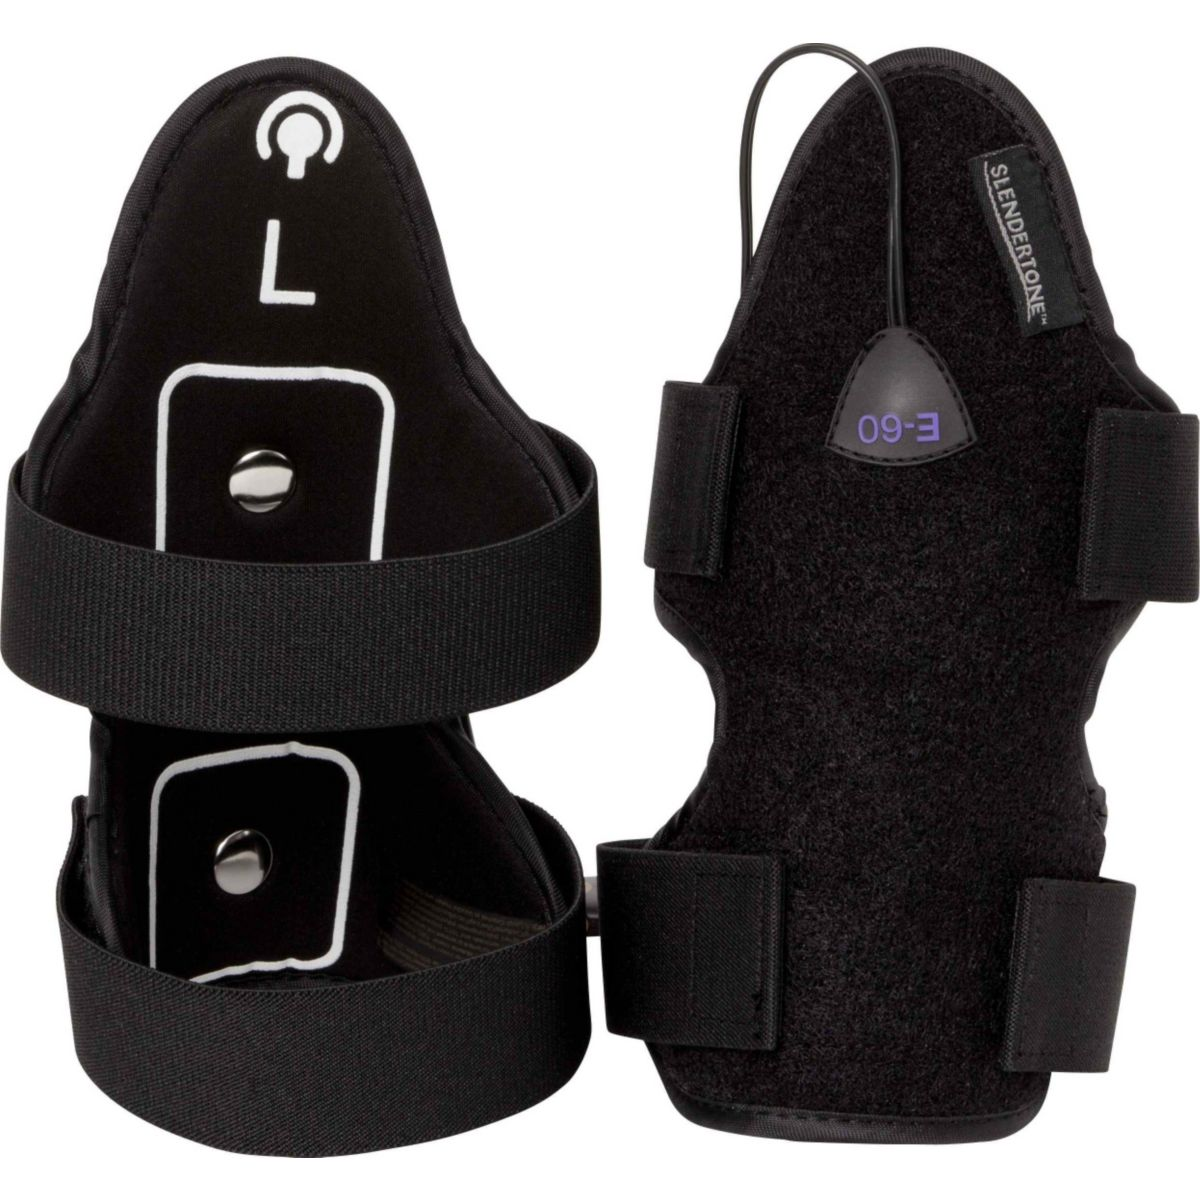 Accessoire slendertone bras femme - livraison offerte : code livpremium (photo)